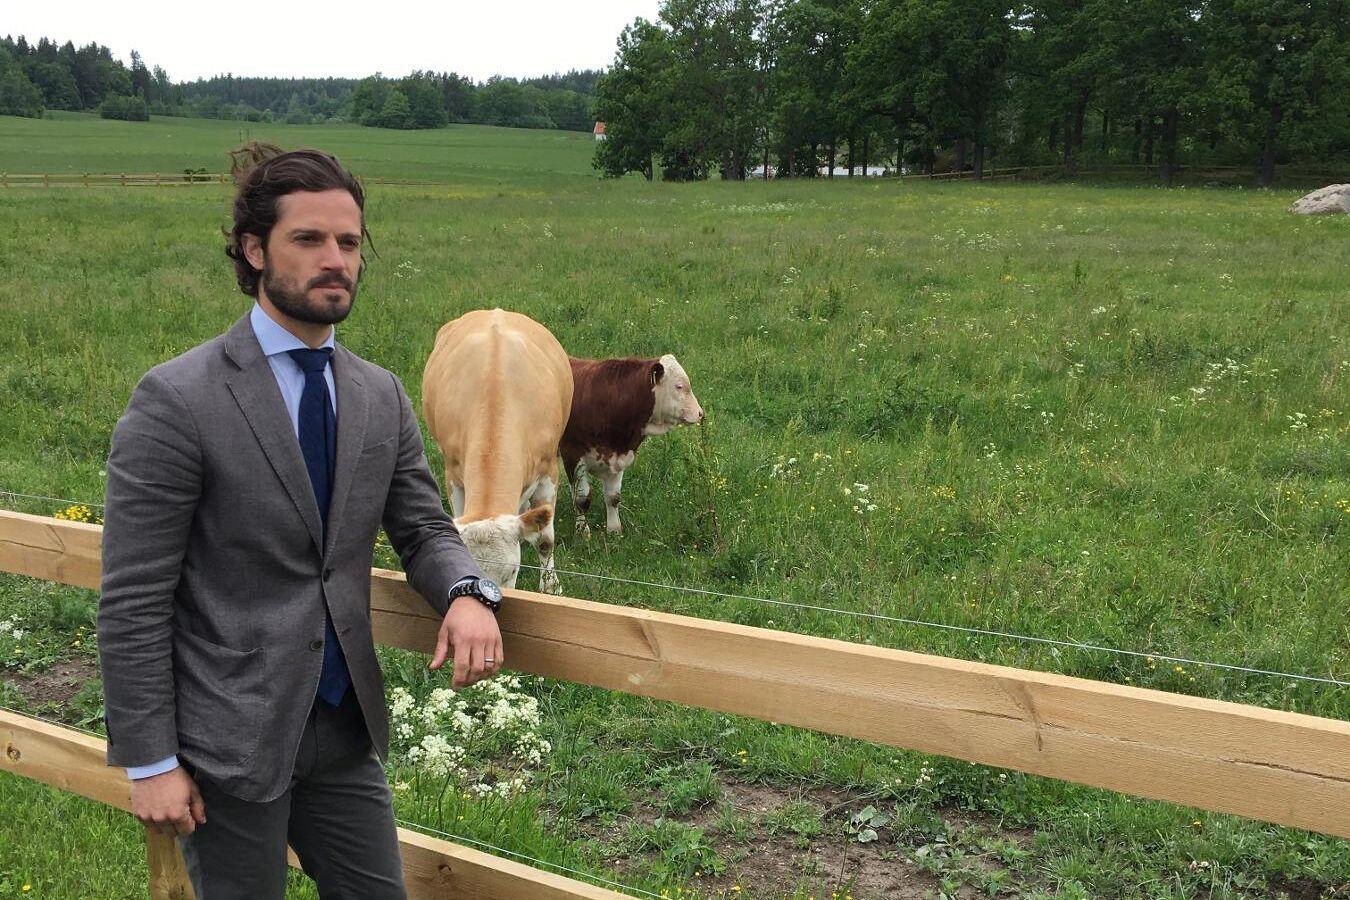 Prins Carl Philip tillsammans med tjurkalven som representerar Stenhammars framtidshopp.